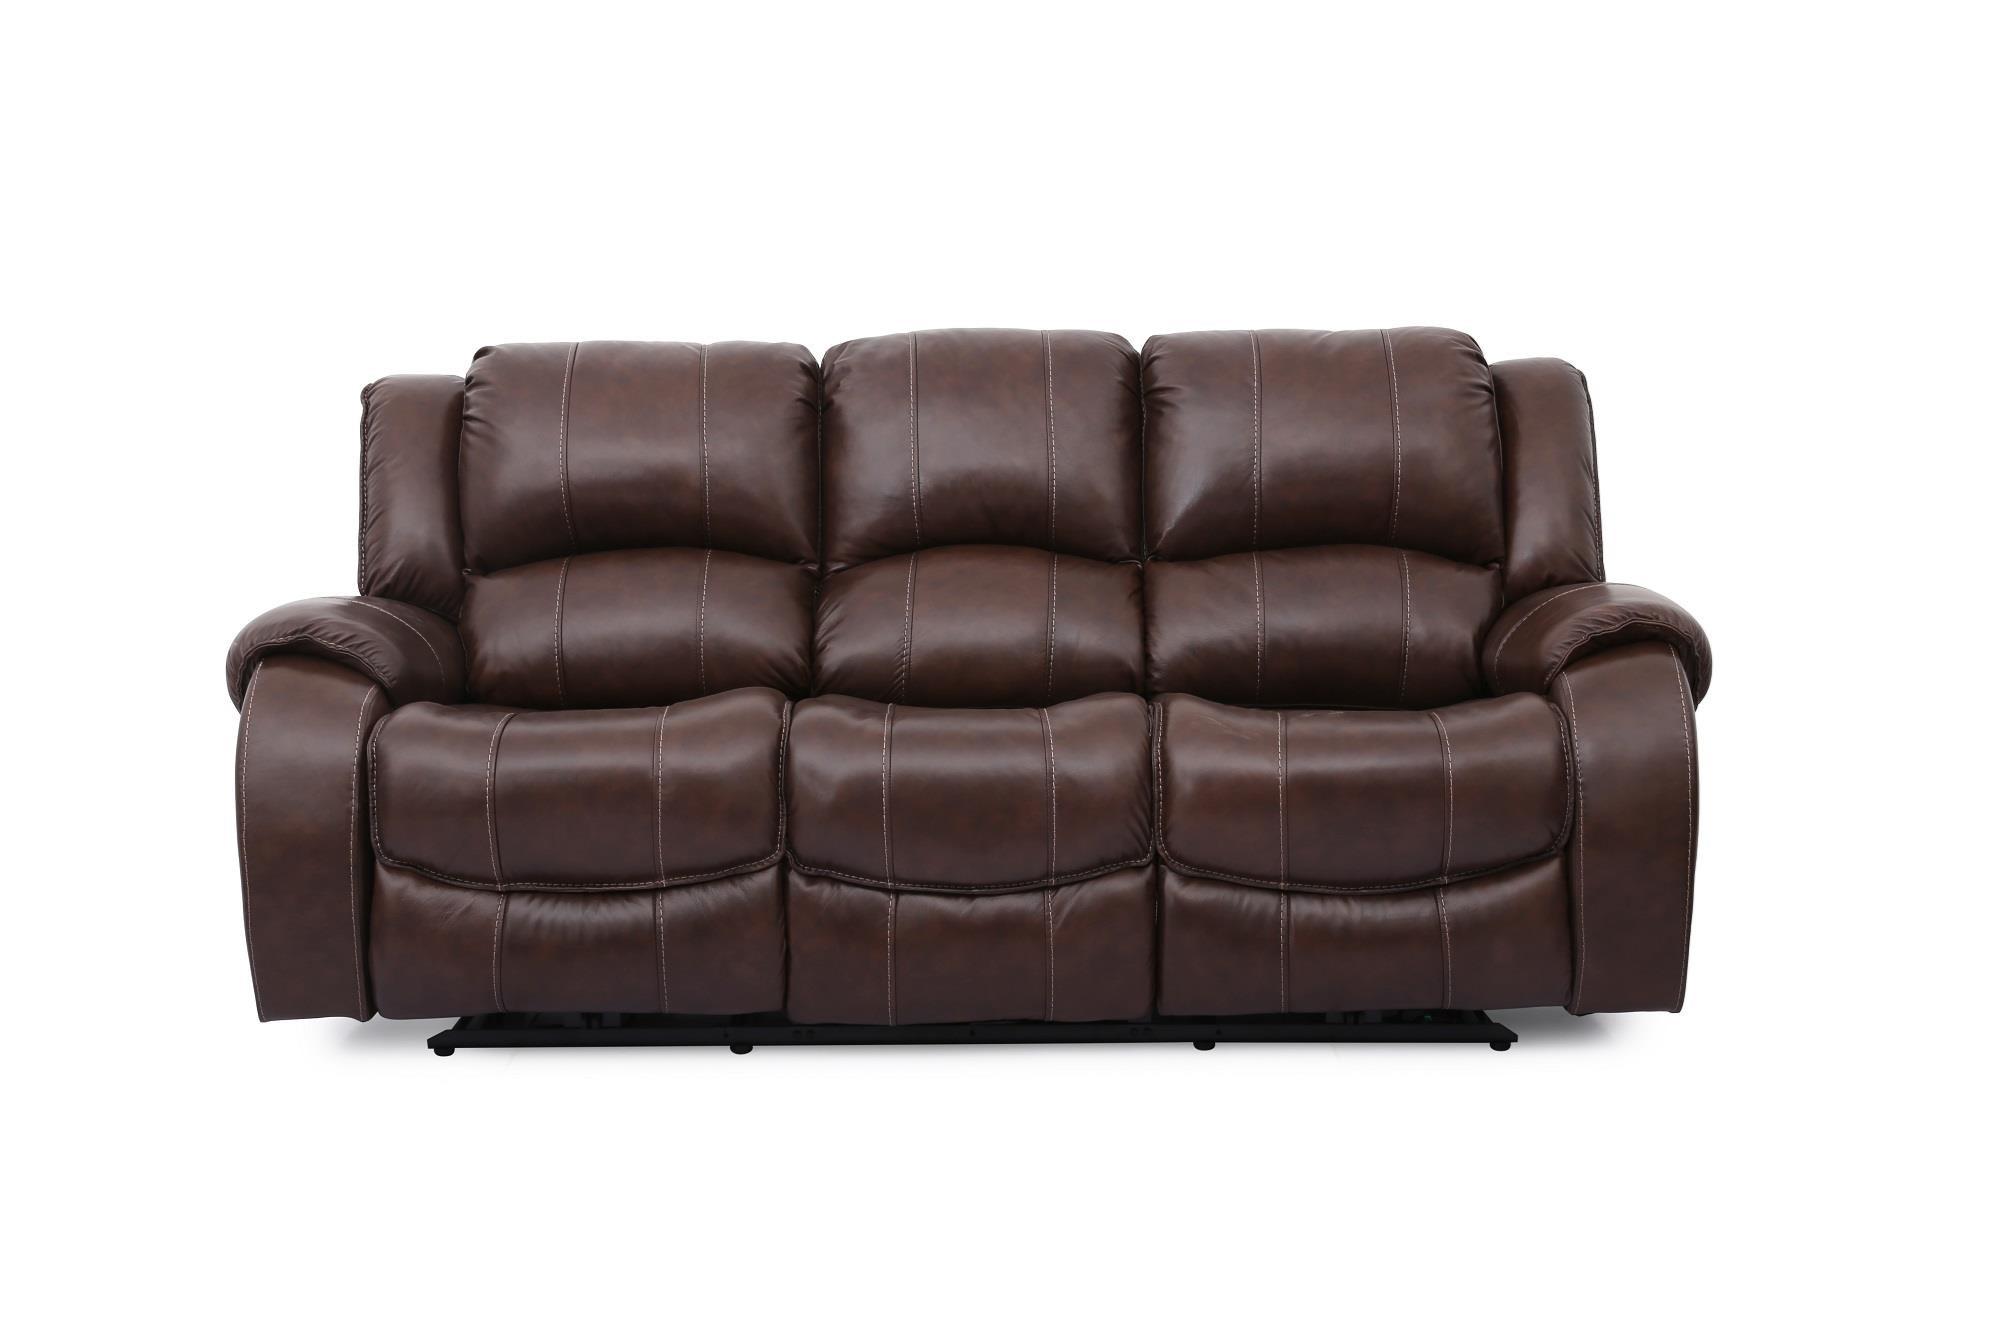 Brown Lthr Pwr Reclining Sofa w/Pwr Head